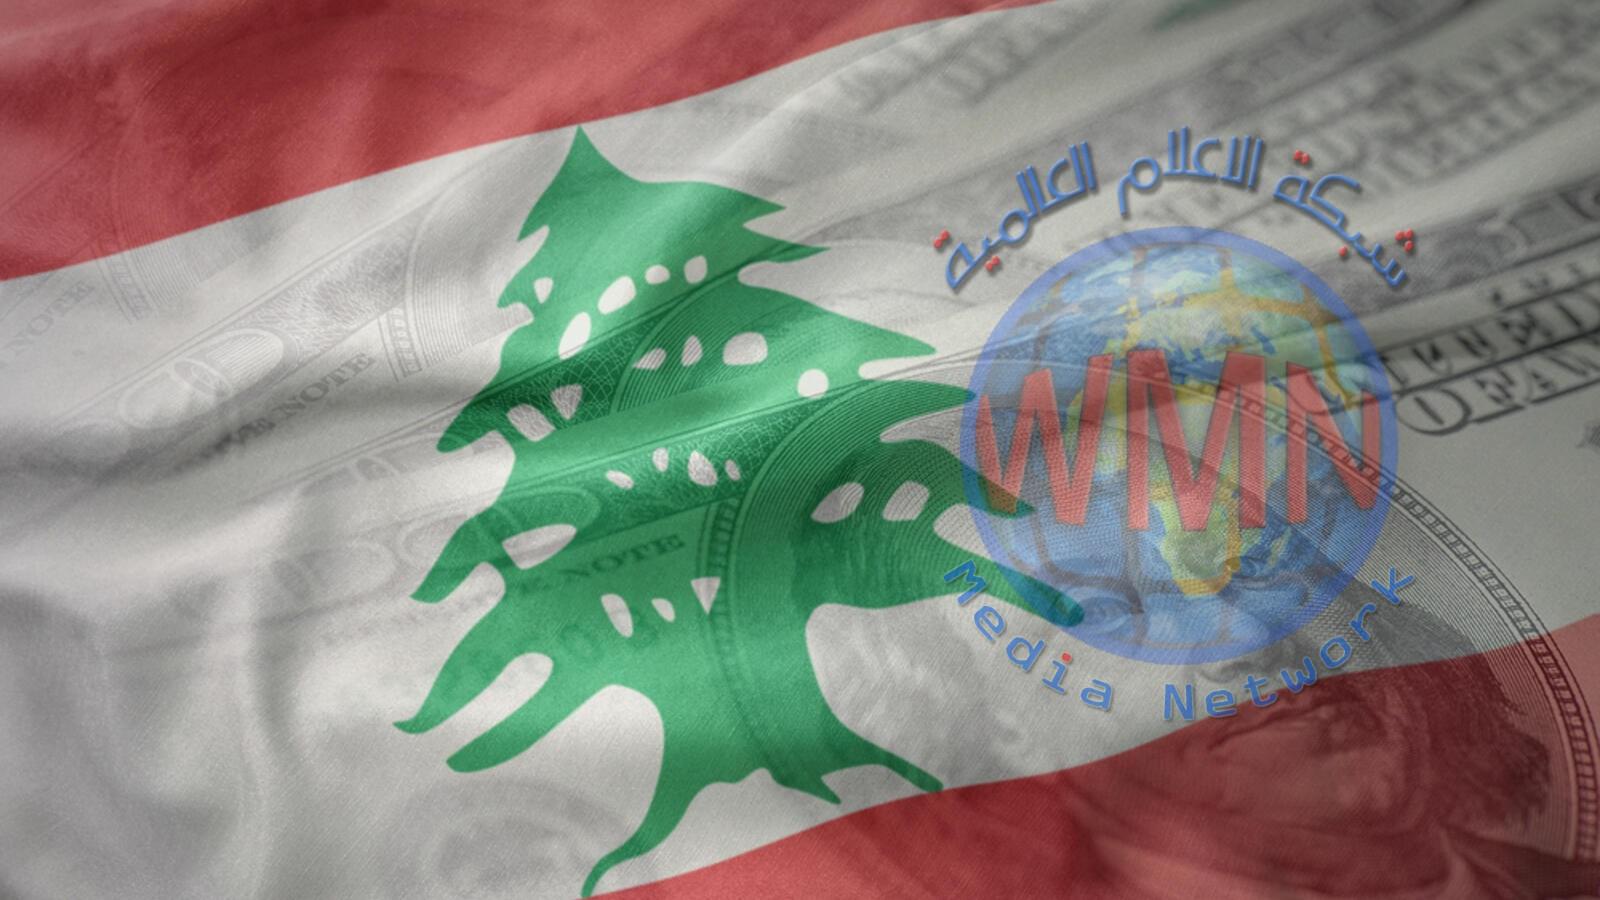 الاهتزاز السلبي يعود إلى الأوراق المالية اللبنانية بسبب تأخير الموازنة